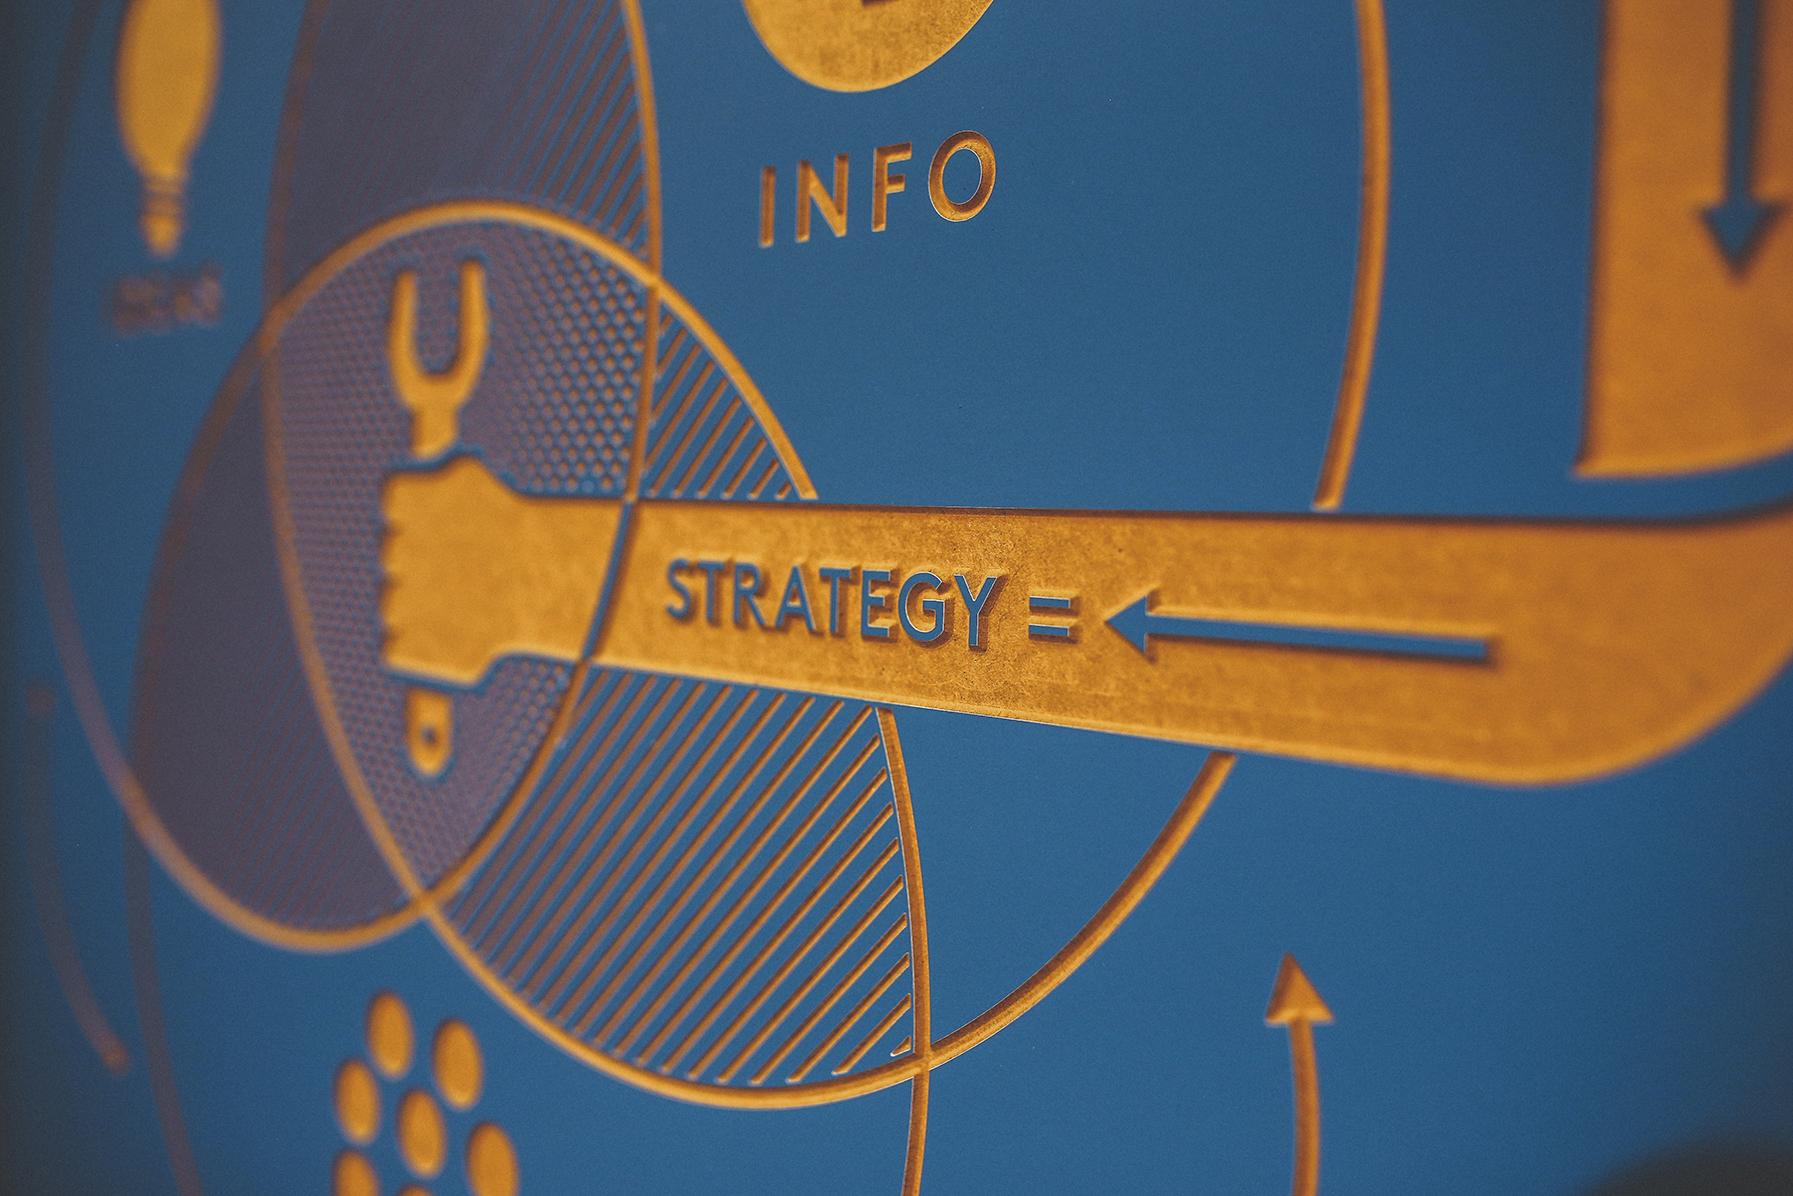 marketing-board-strategy.jpg